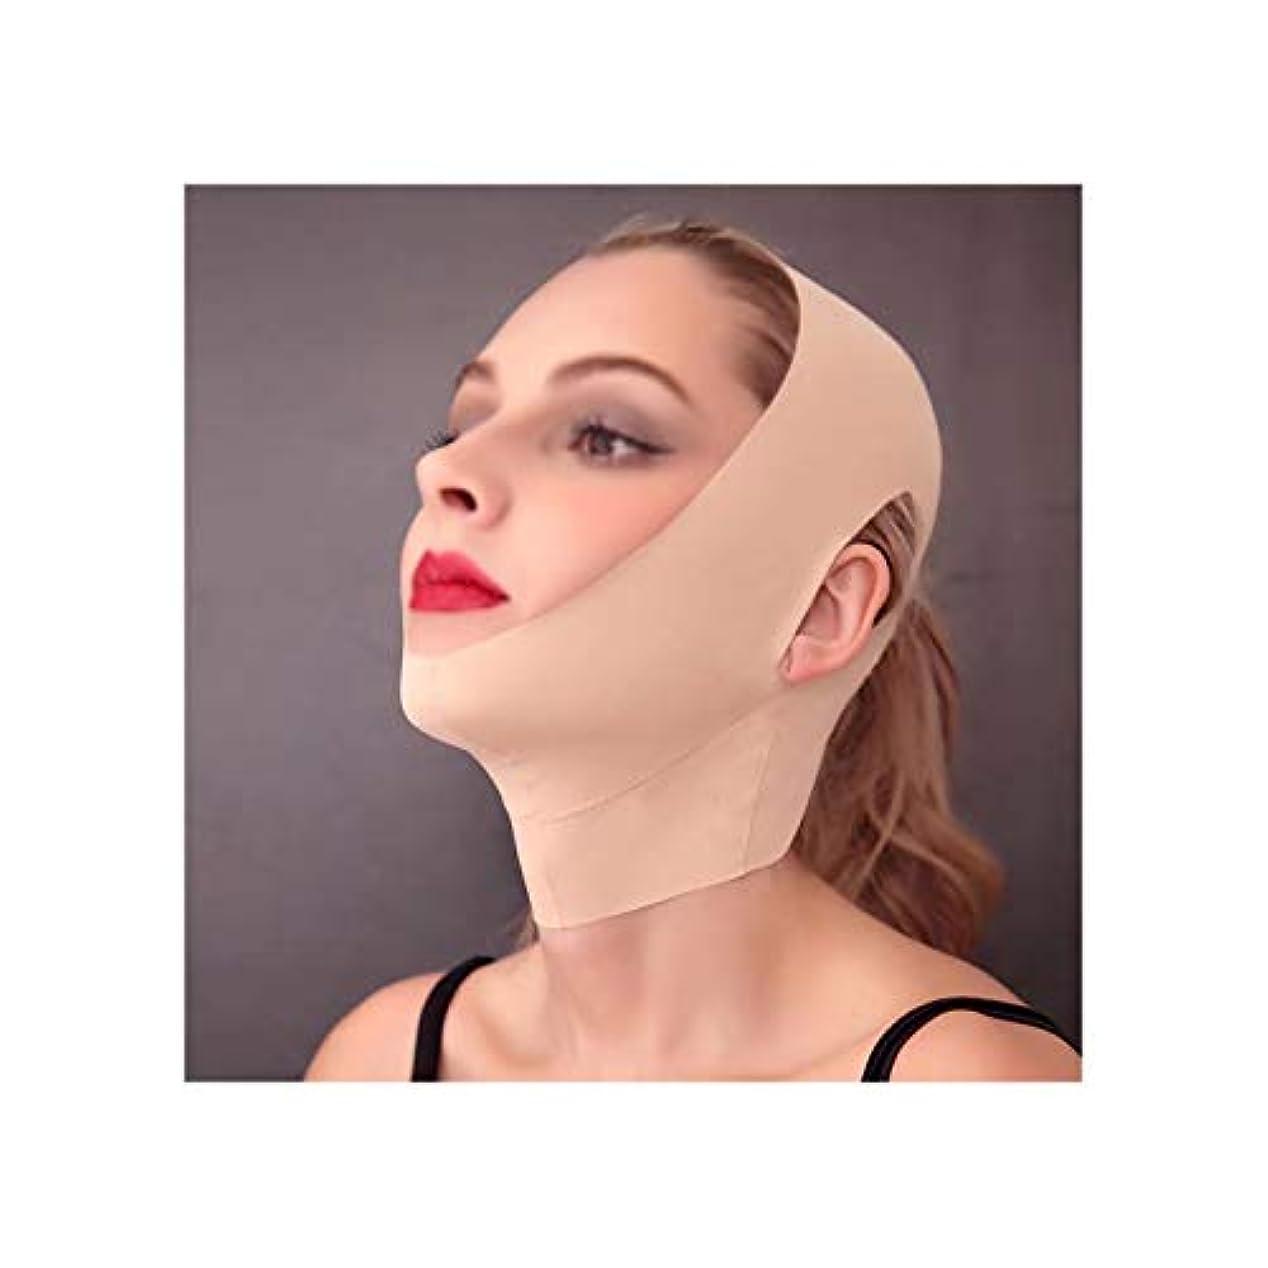 代名詞飲み込む花婿フェイシャルマスク、フェイスリフティングアーティファクト女性の男性の睡眠の顔Vフェイス包帯マスクリフティングフェイス修正引き締め顔に二重あご痩身ベルト